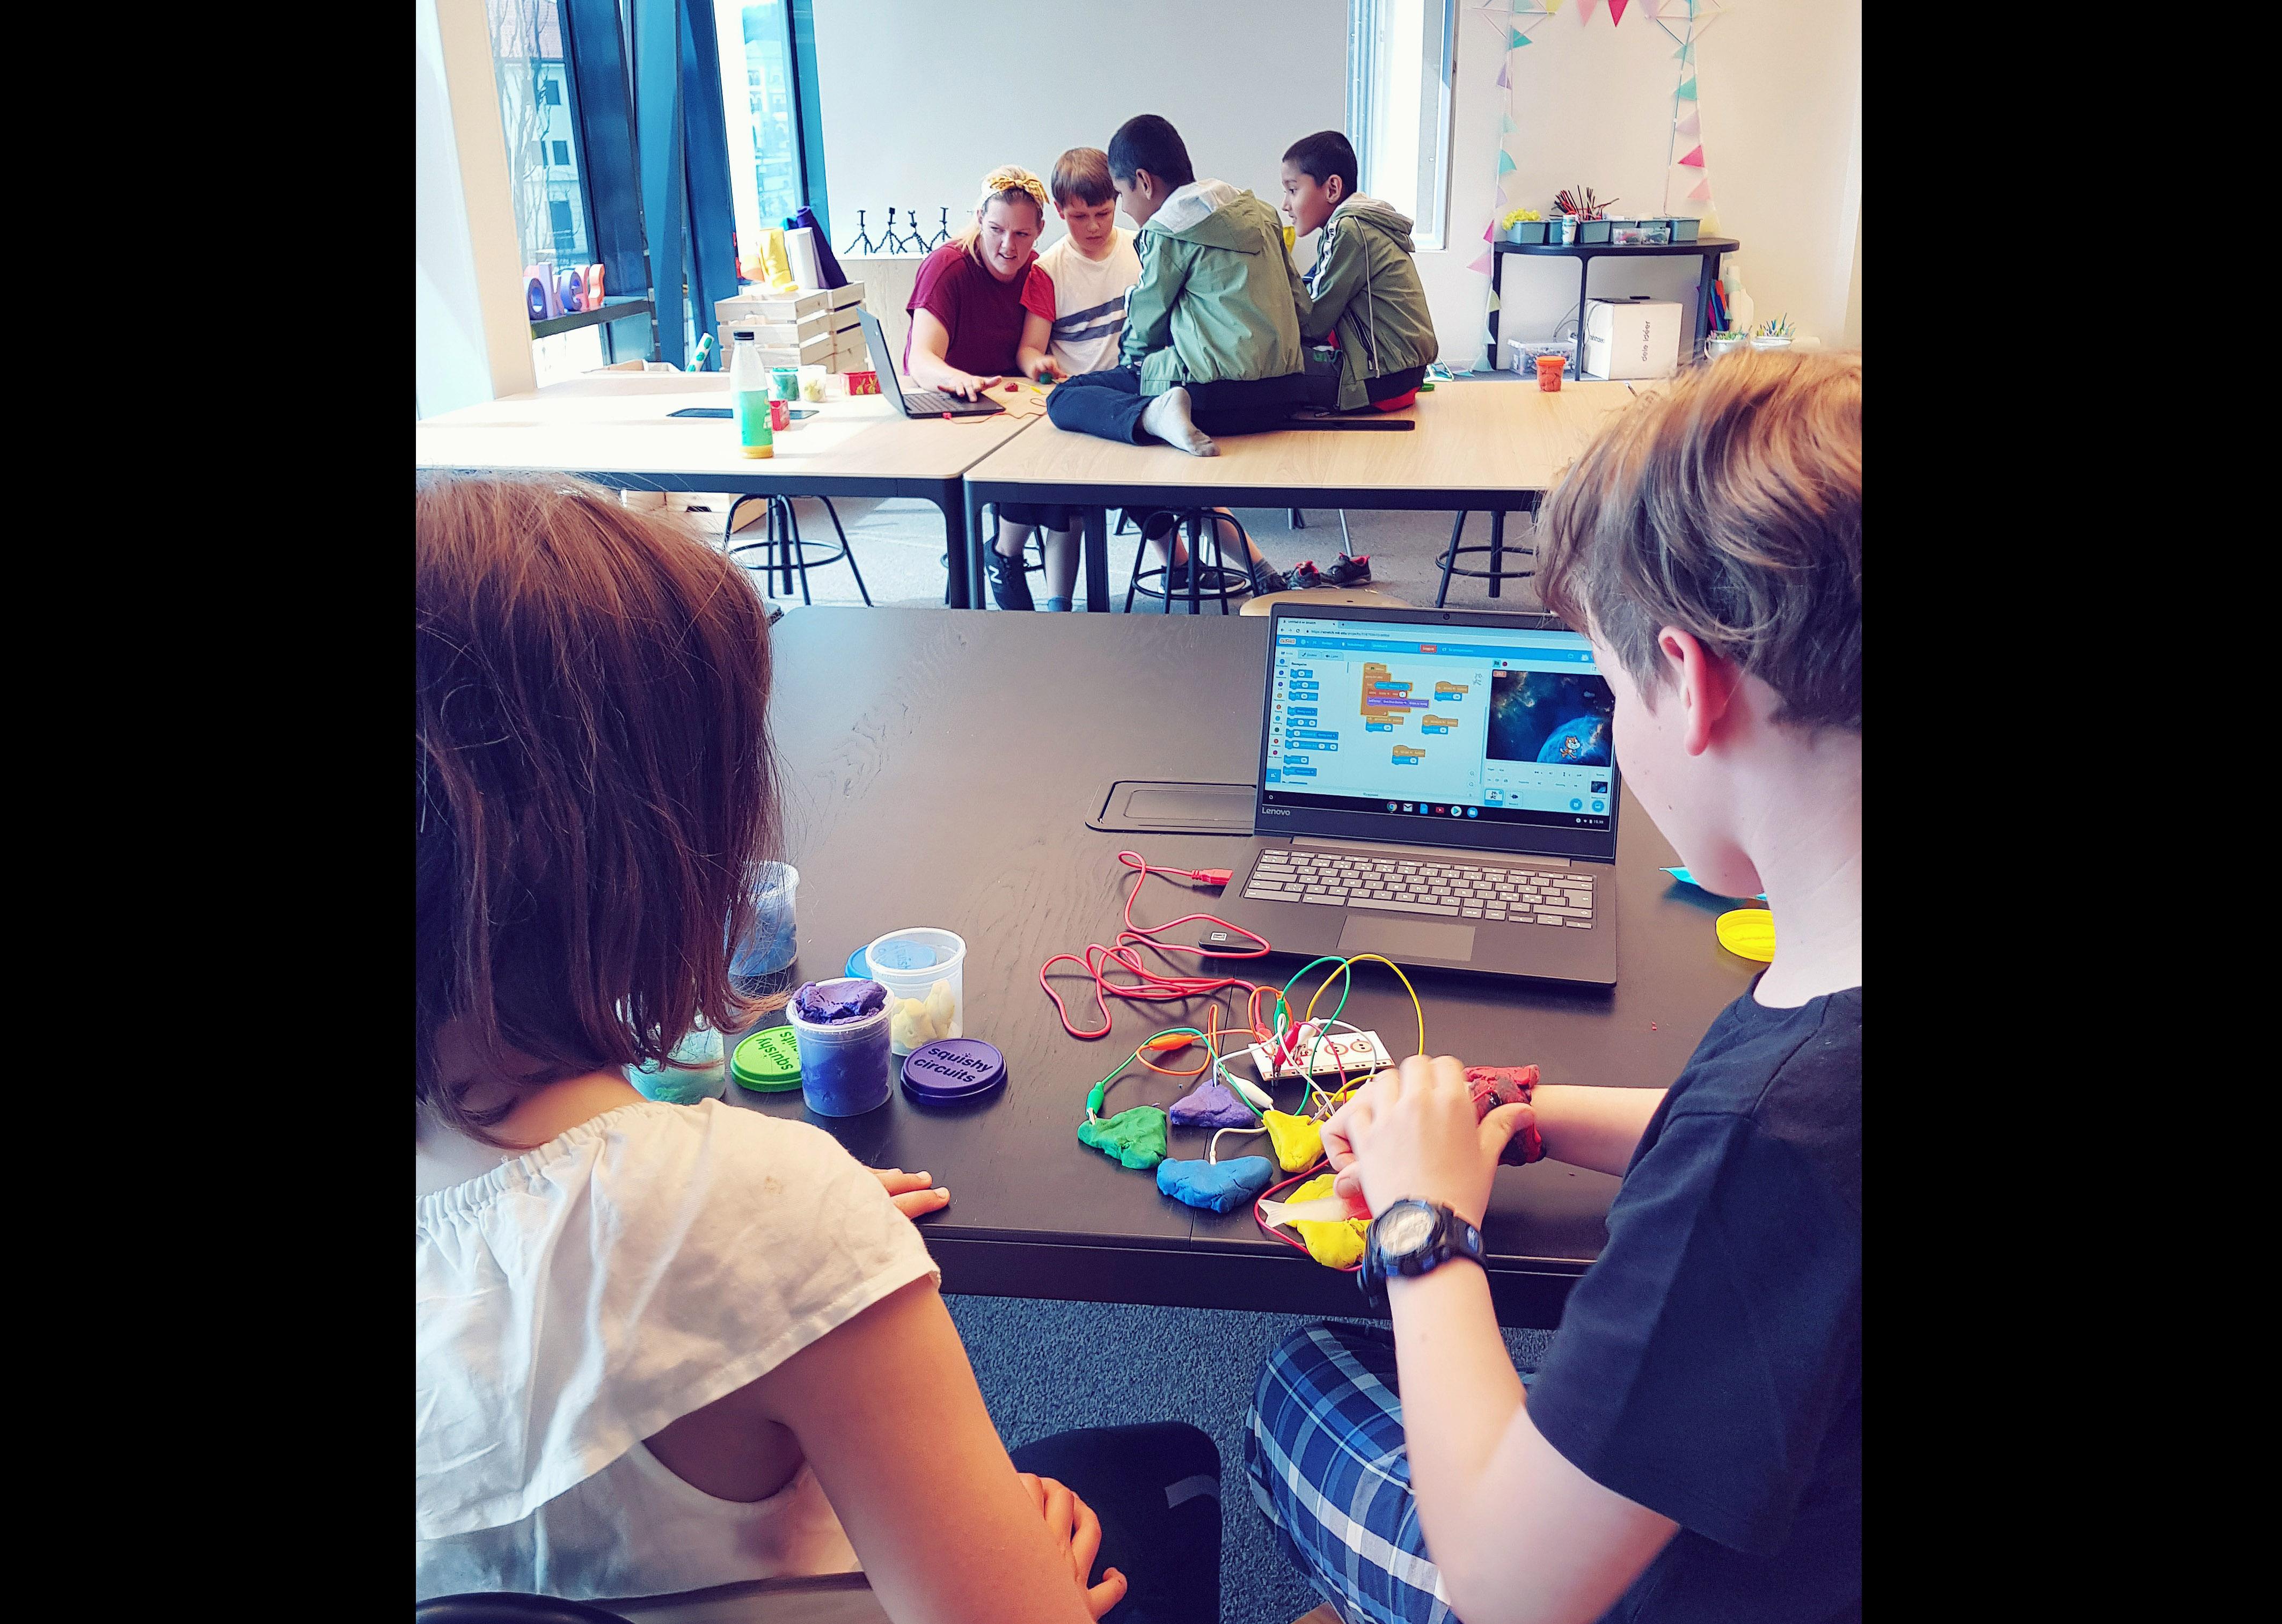 TEKNISK LEK:  En Gruppe Skolebarn Bruker Teknologi I Lek Med Modellerkitt. Foto: Presse.